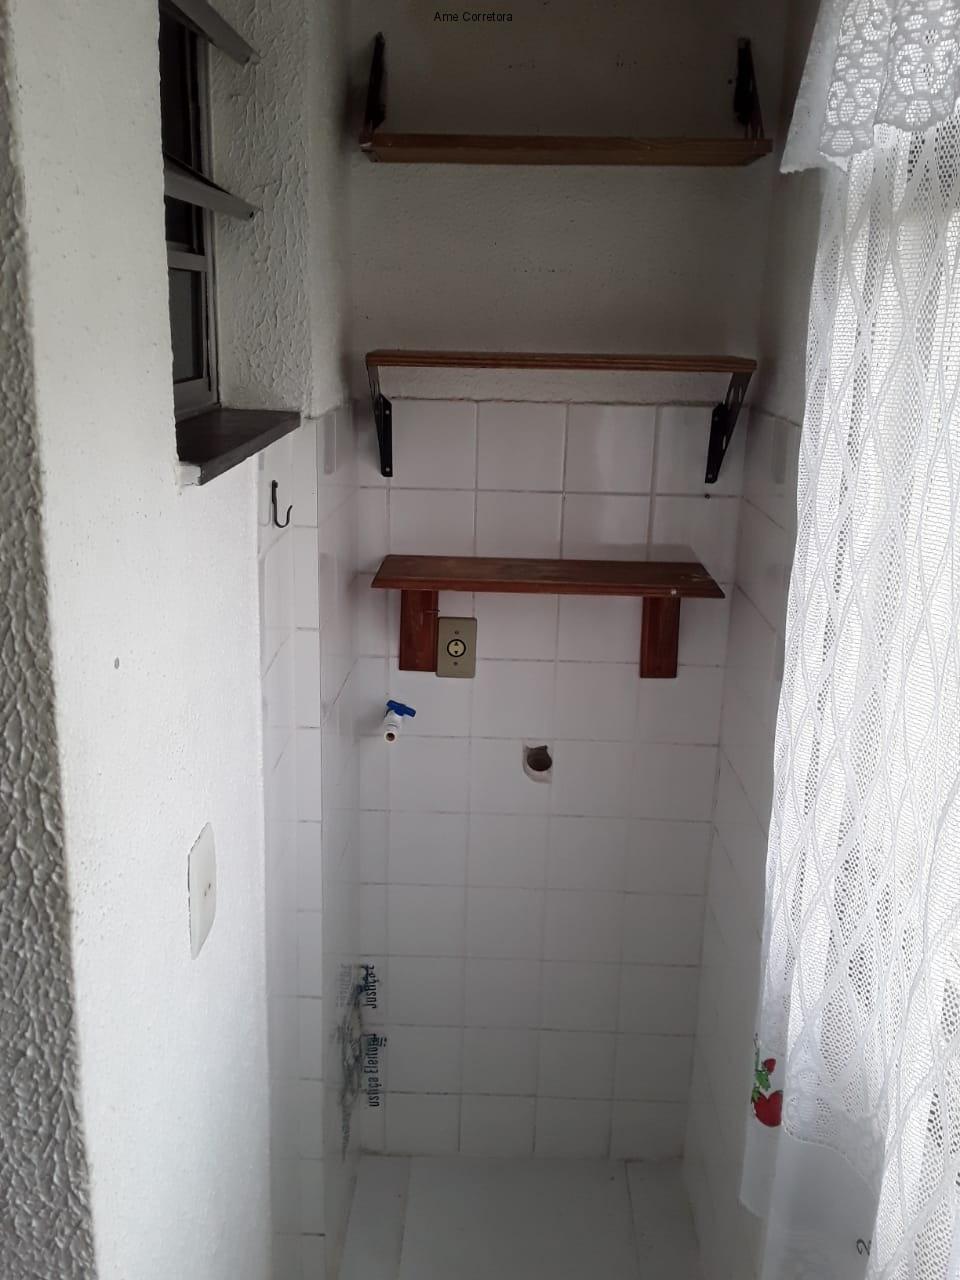 FOTO 13 - Apartamento 2 quartos à venda Rio de Janeiro,RJ - R$ 110.000 - AP00363 - 14